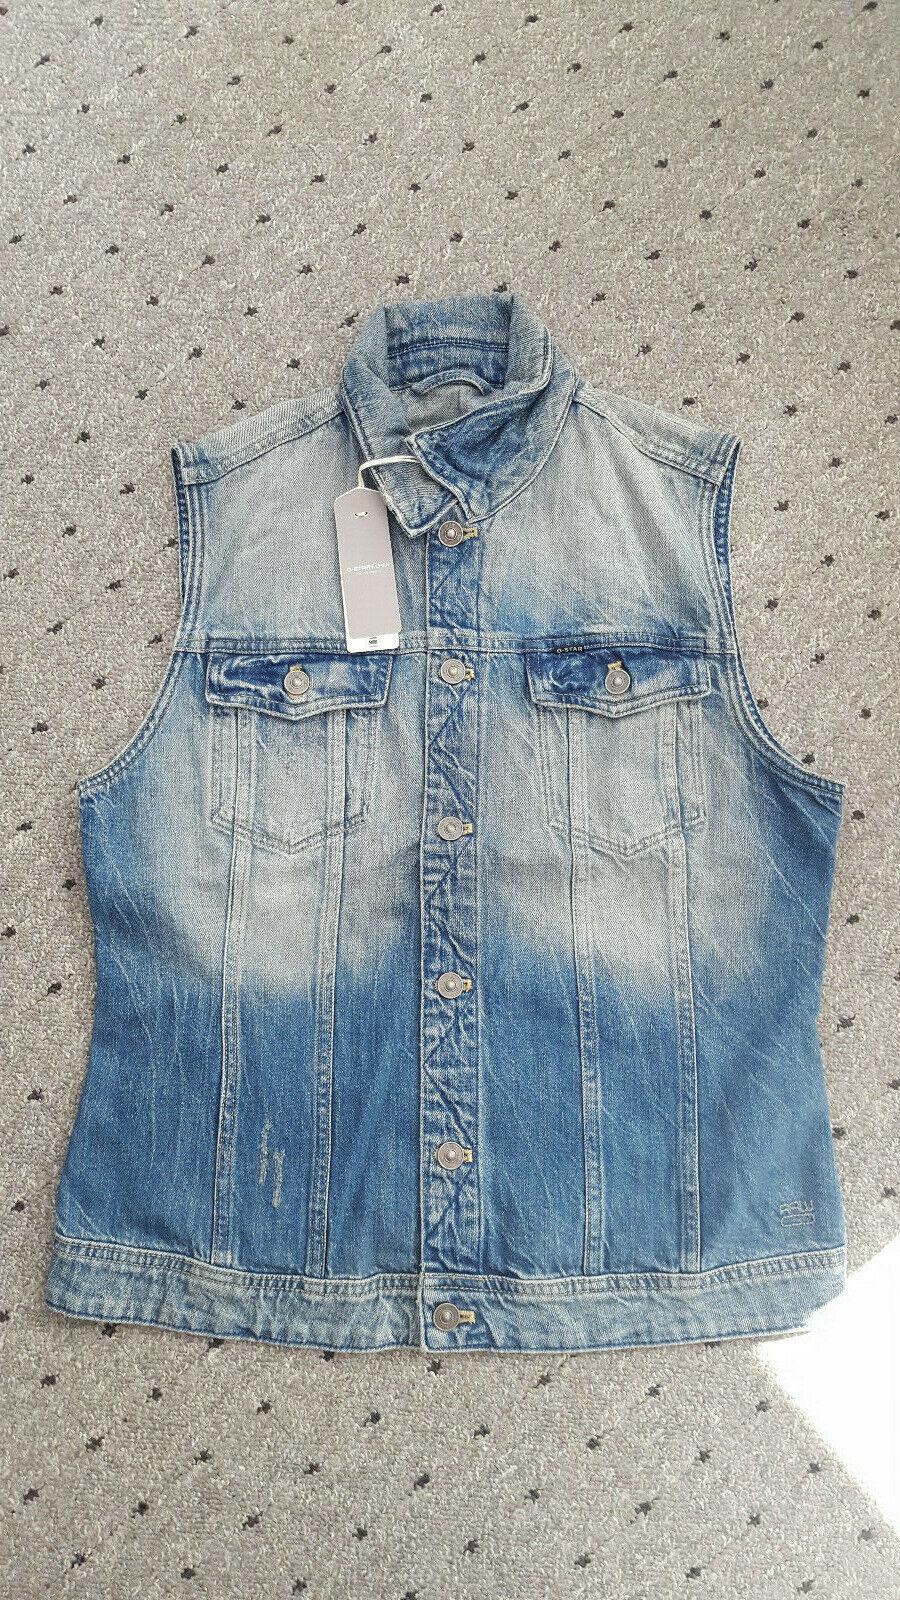 on sale 1d4a8 e4e3f G-Star RAW Damen Jeans Weste Größe XL NP | Qualitätskönigin ...